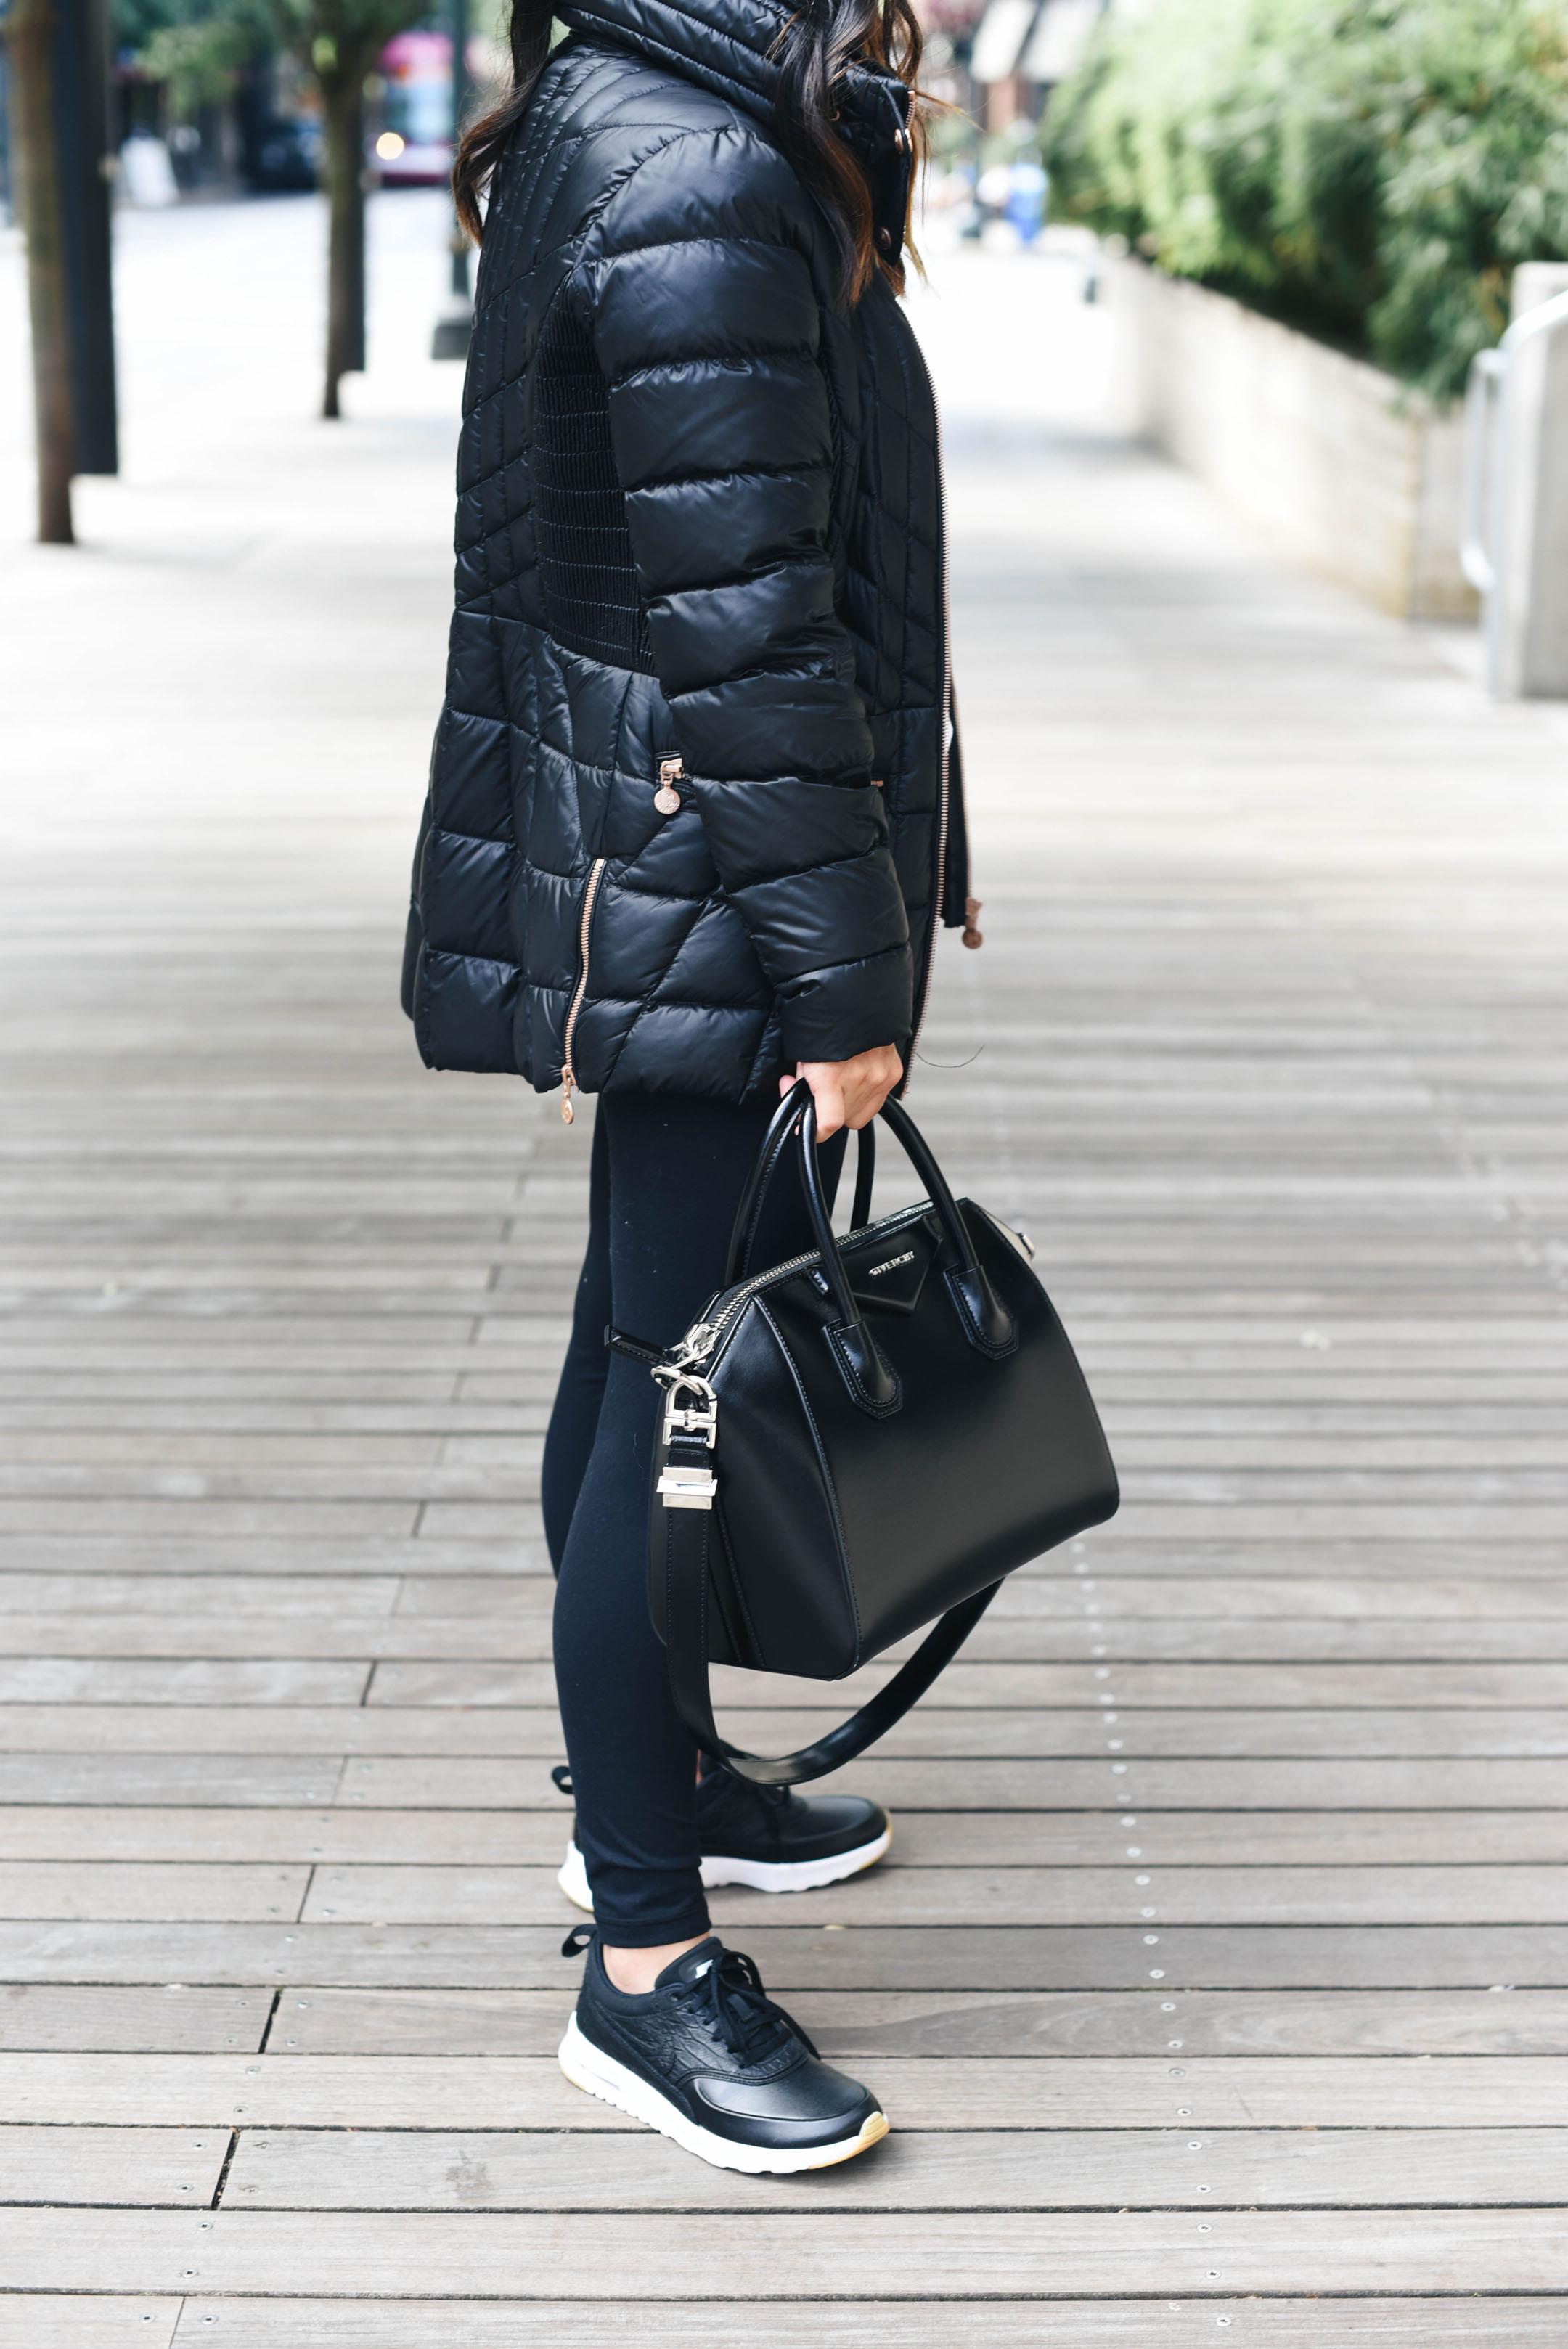 Givenchy small antigona satchel in black